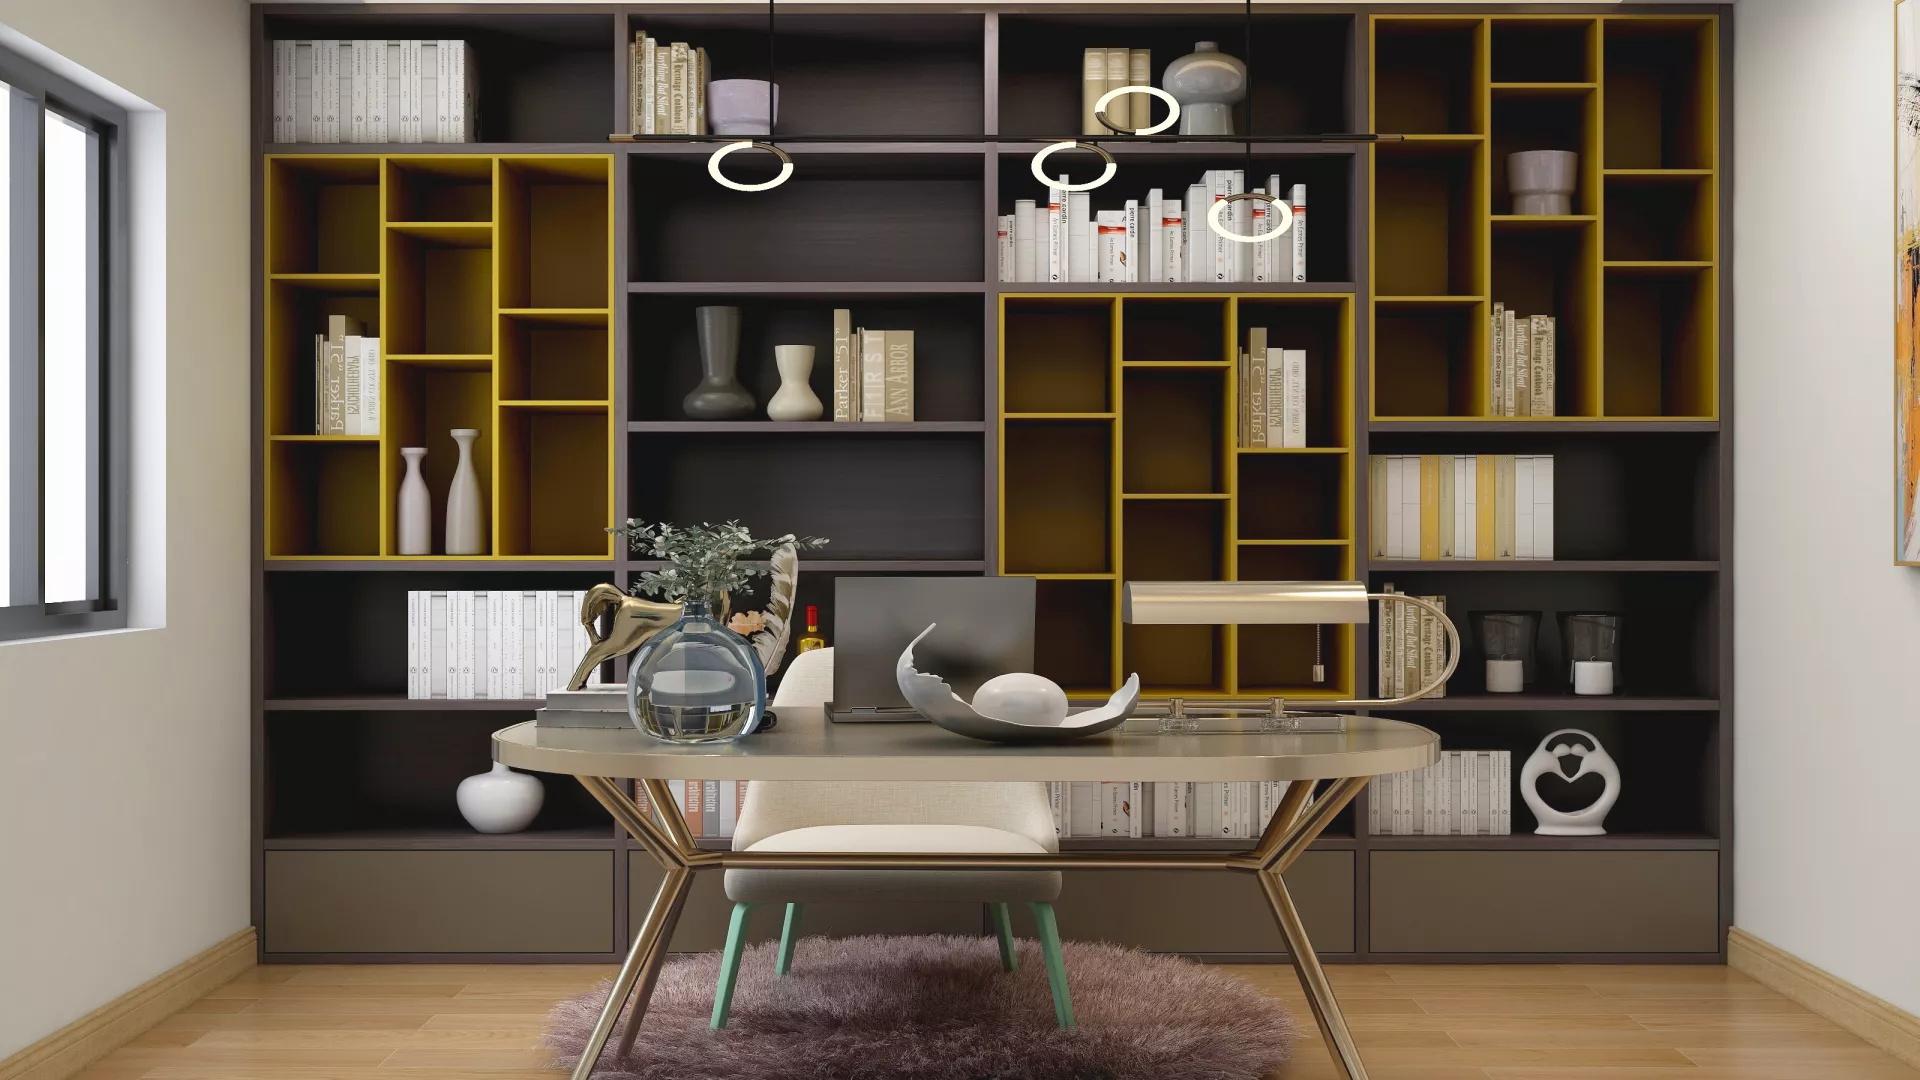 简洁明亮舒适家居客厅装修效果图